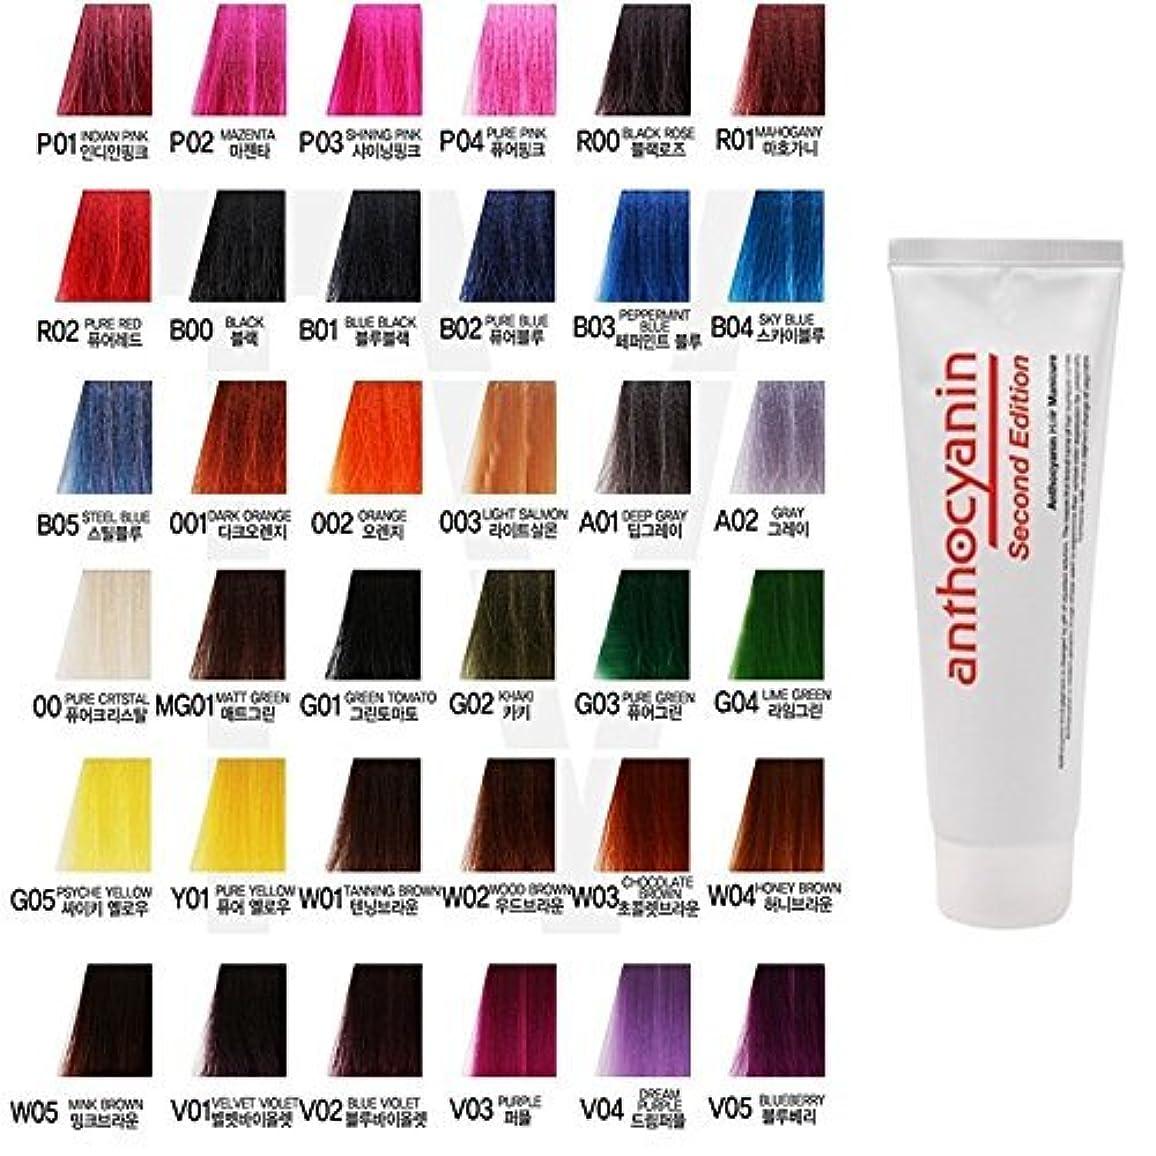 カンガルー空中宮殿ヘア マニキュア カラー セカンド エディション 230g セミ パーマネント 染毛剤 ( Hair Manicure Color Second Edition 230g Semi Permanent Hair Dye) [並行輸入品] (O02 Orange)